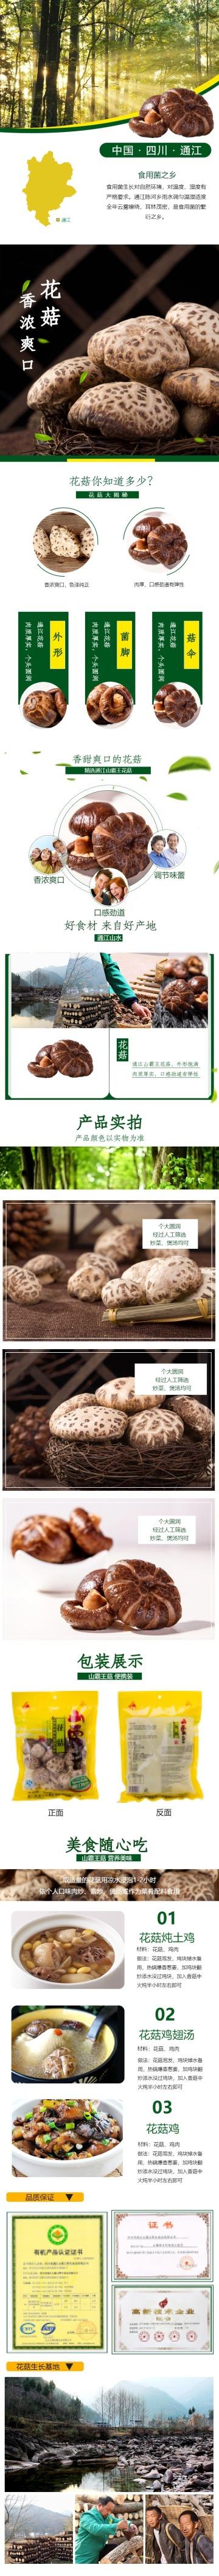 清新自然百货零售美食干货食用菌花菇促销电商详情页